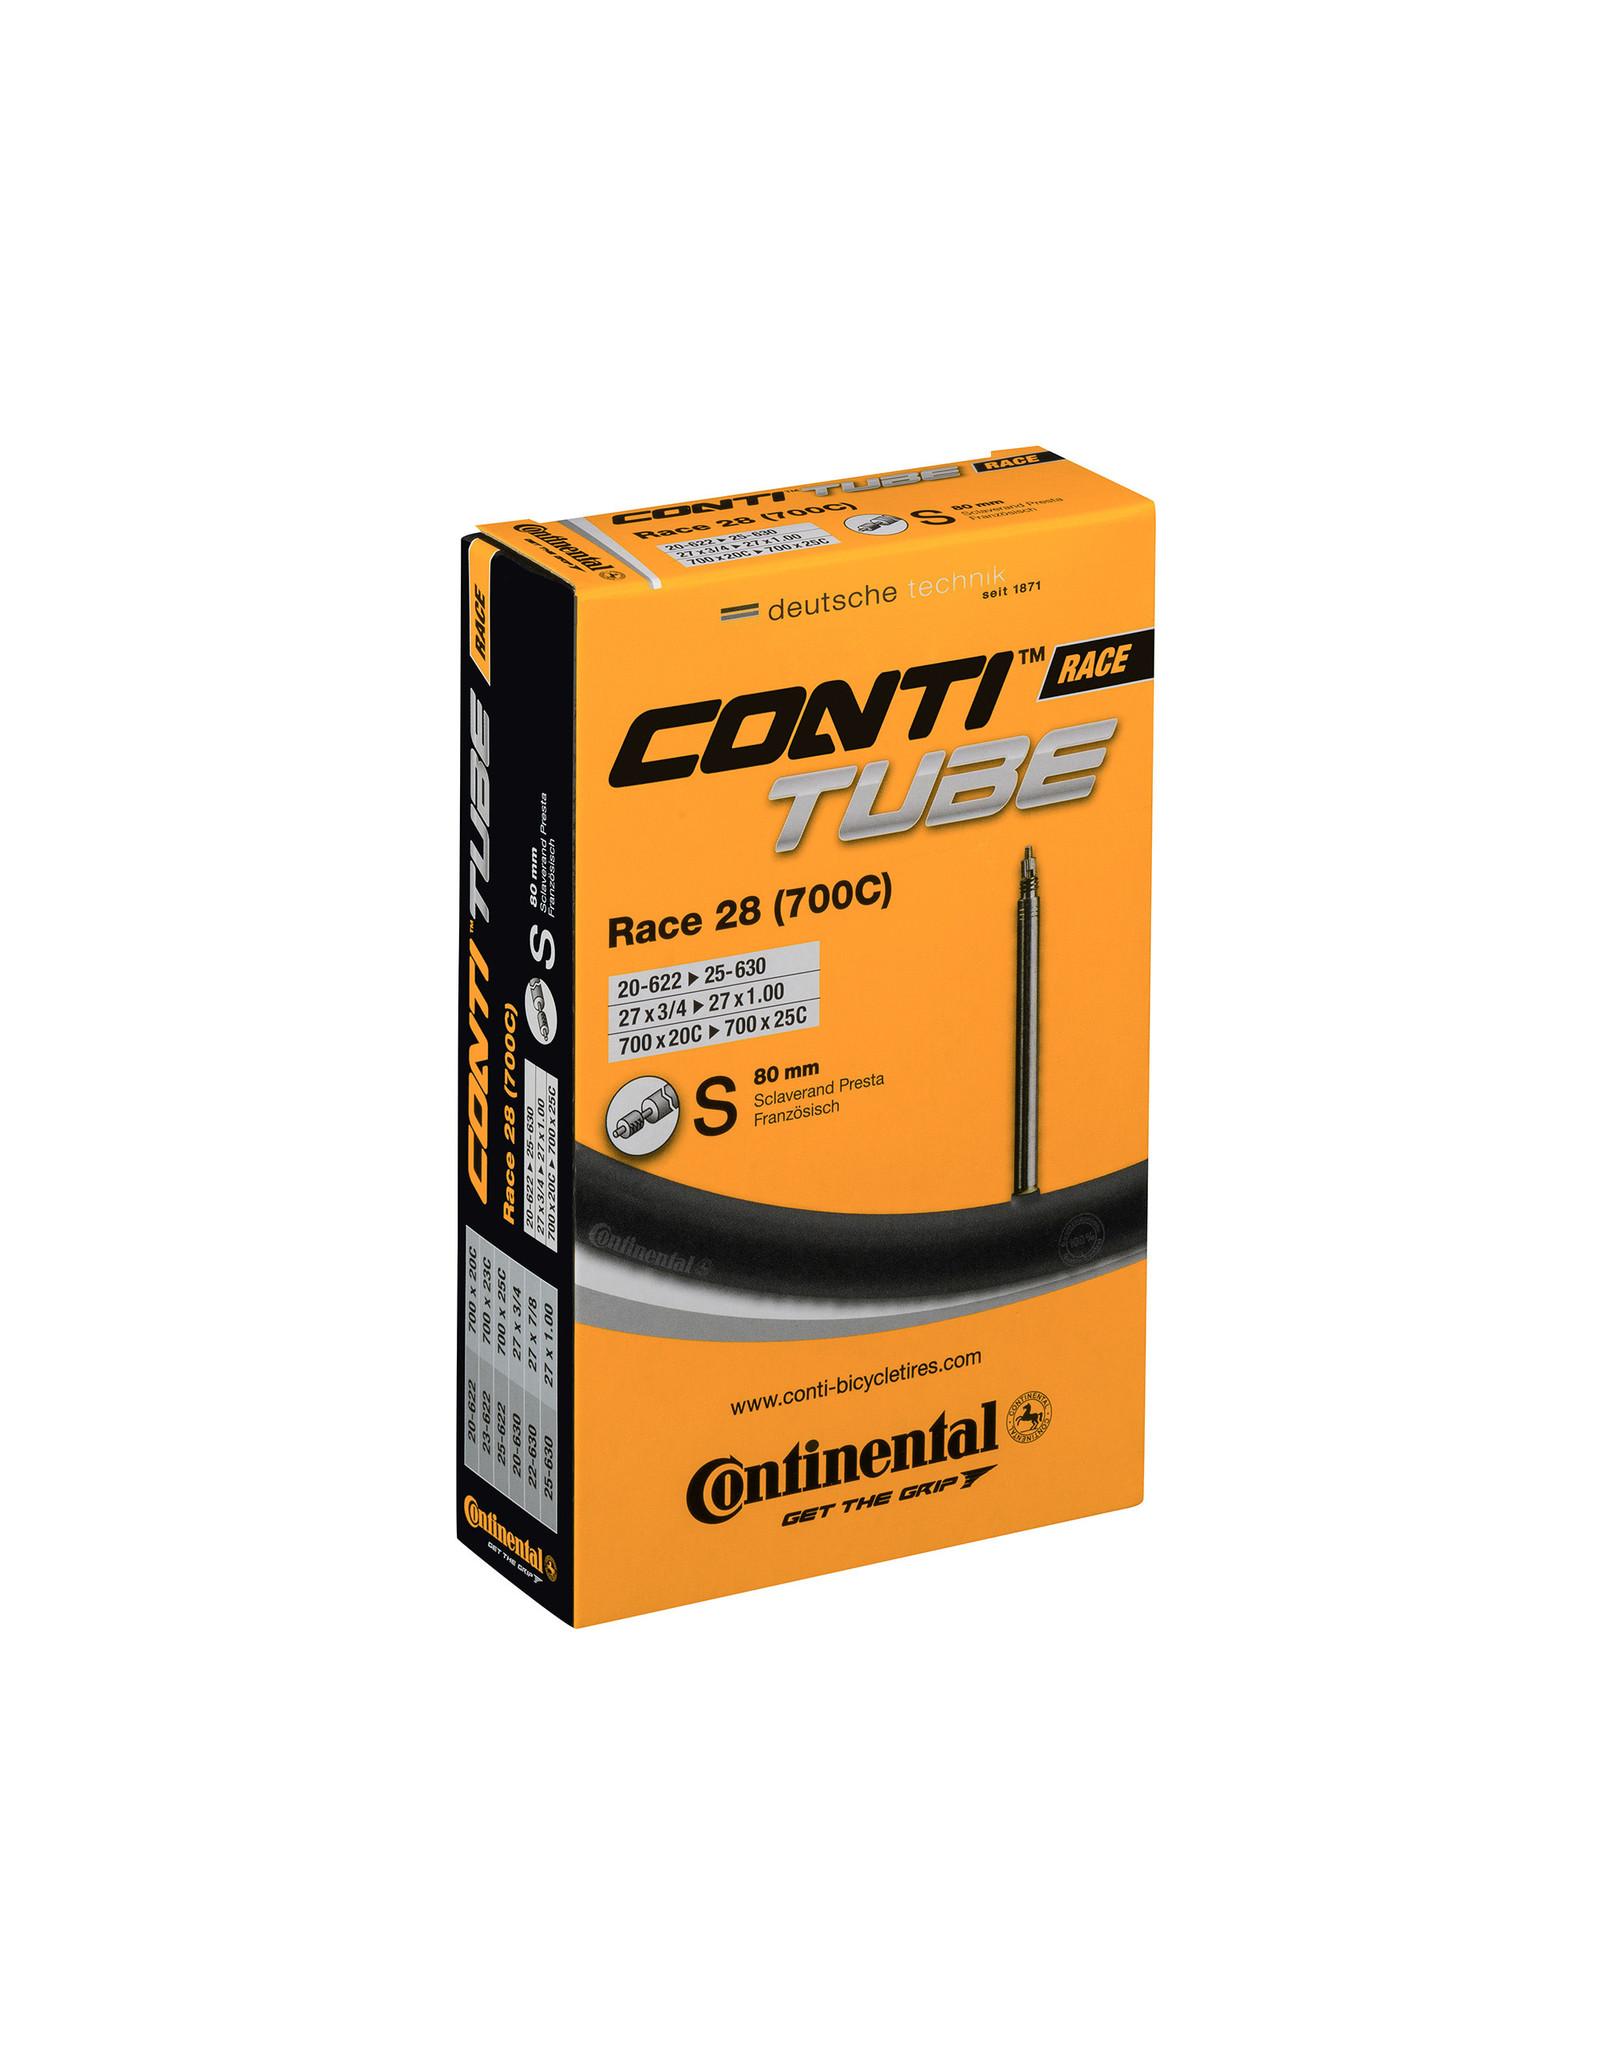 Continental Inner Tube Presta Race 28 700 x 20-25 80mm Valve